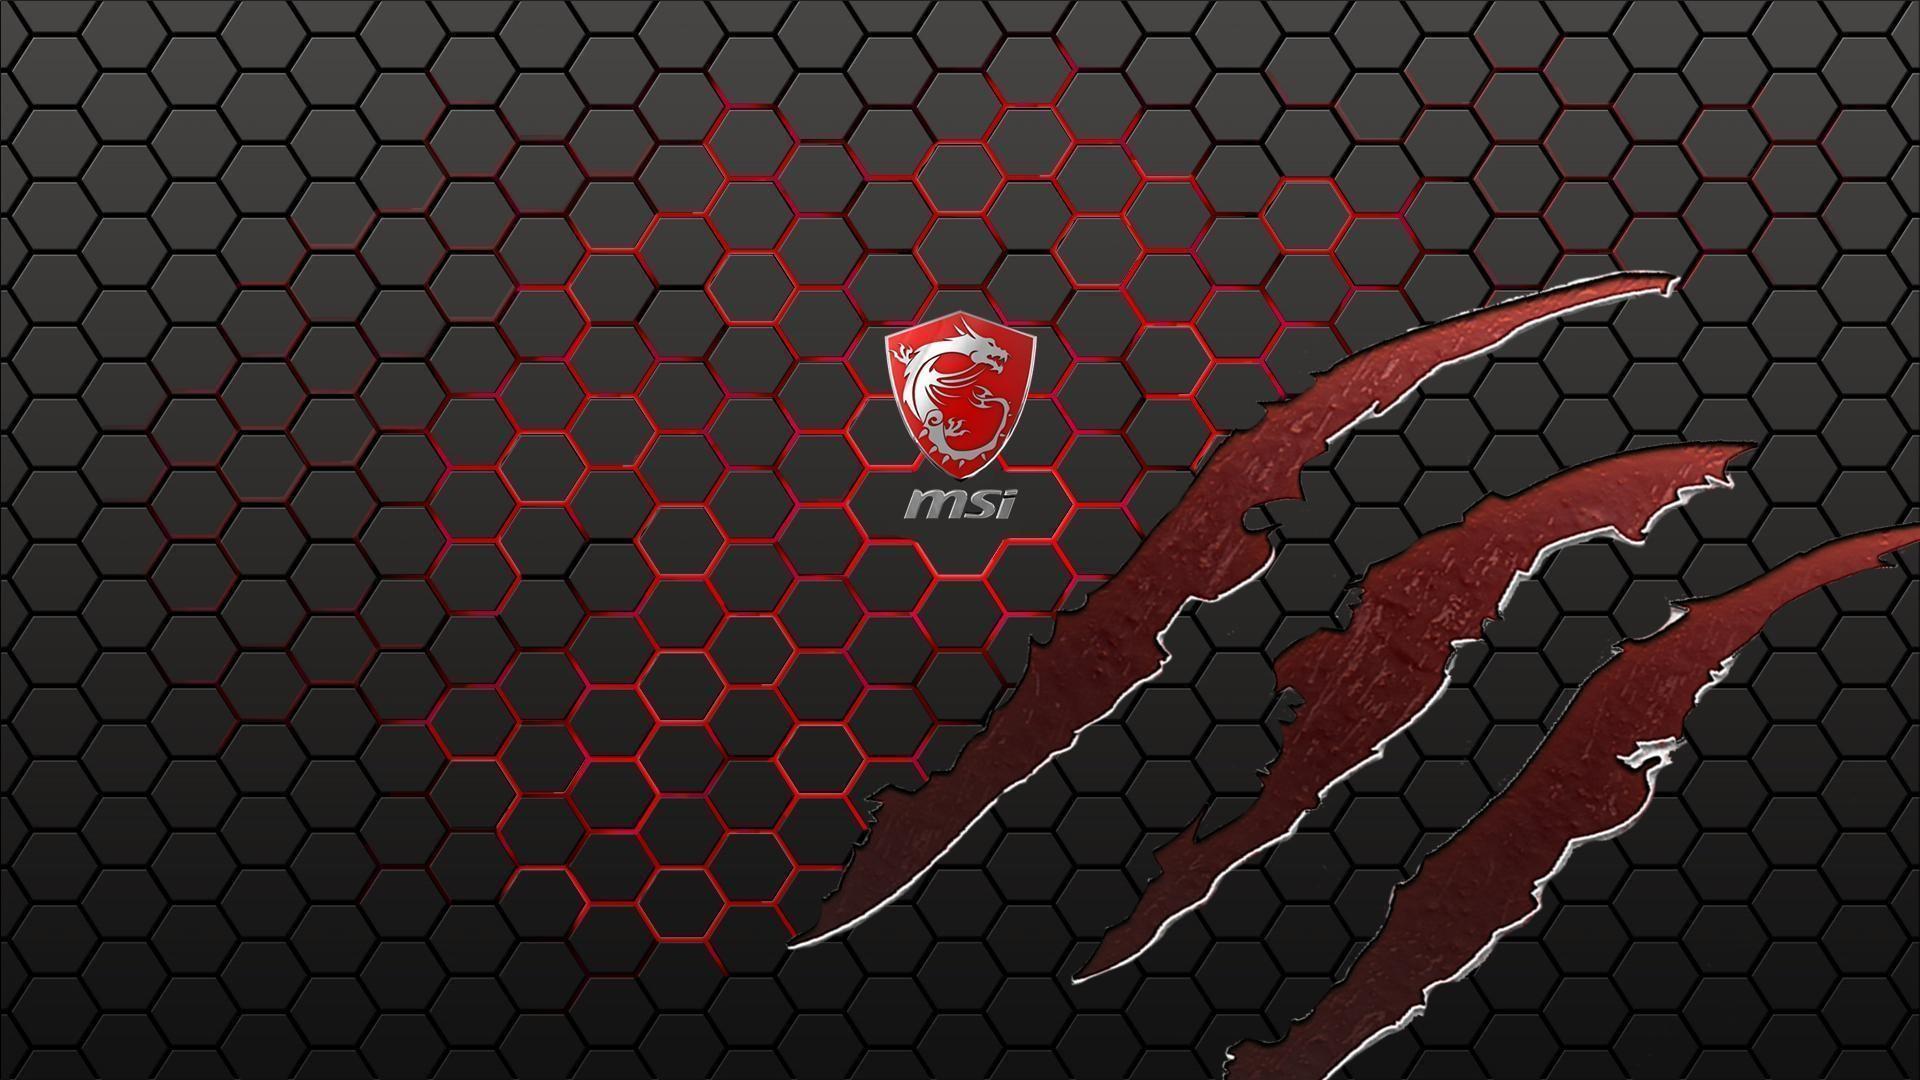 Msi Wallpaper 1080p 82 Images